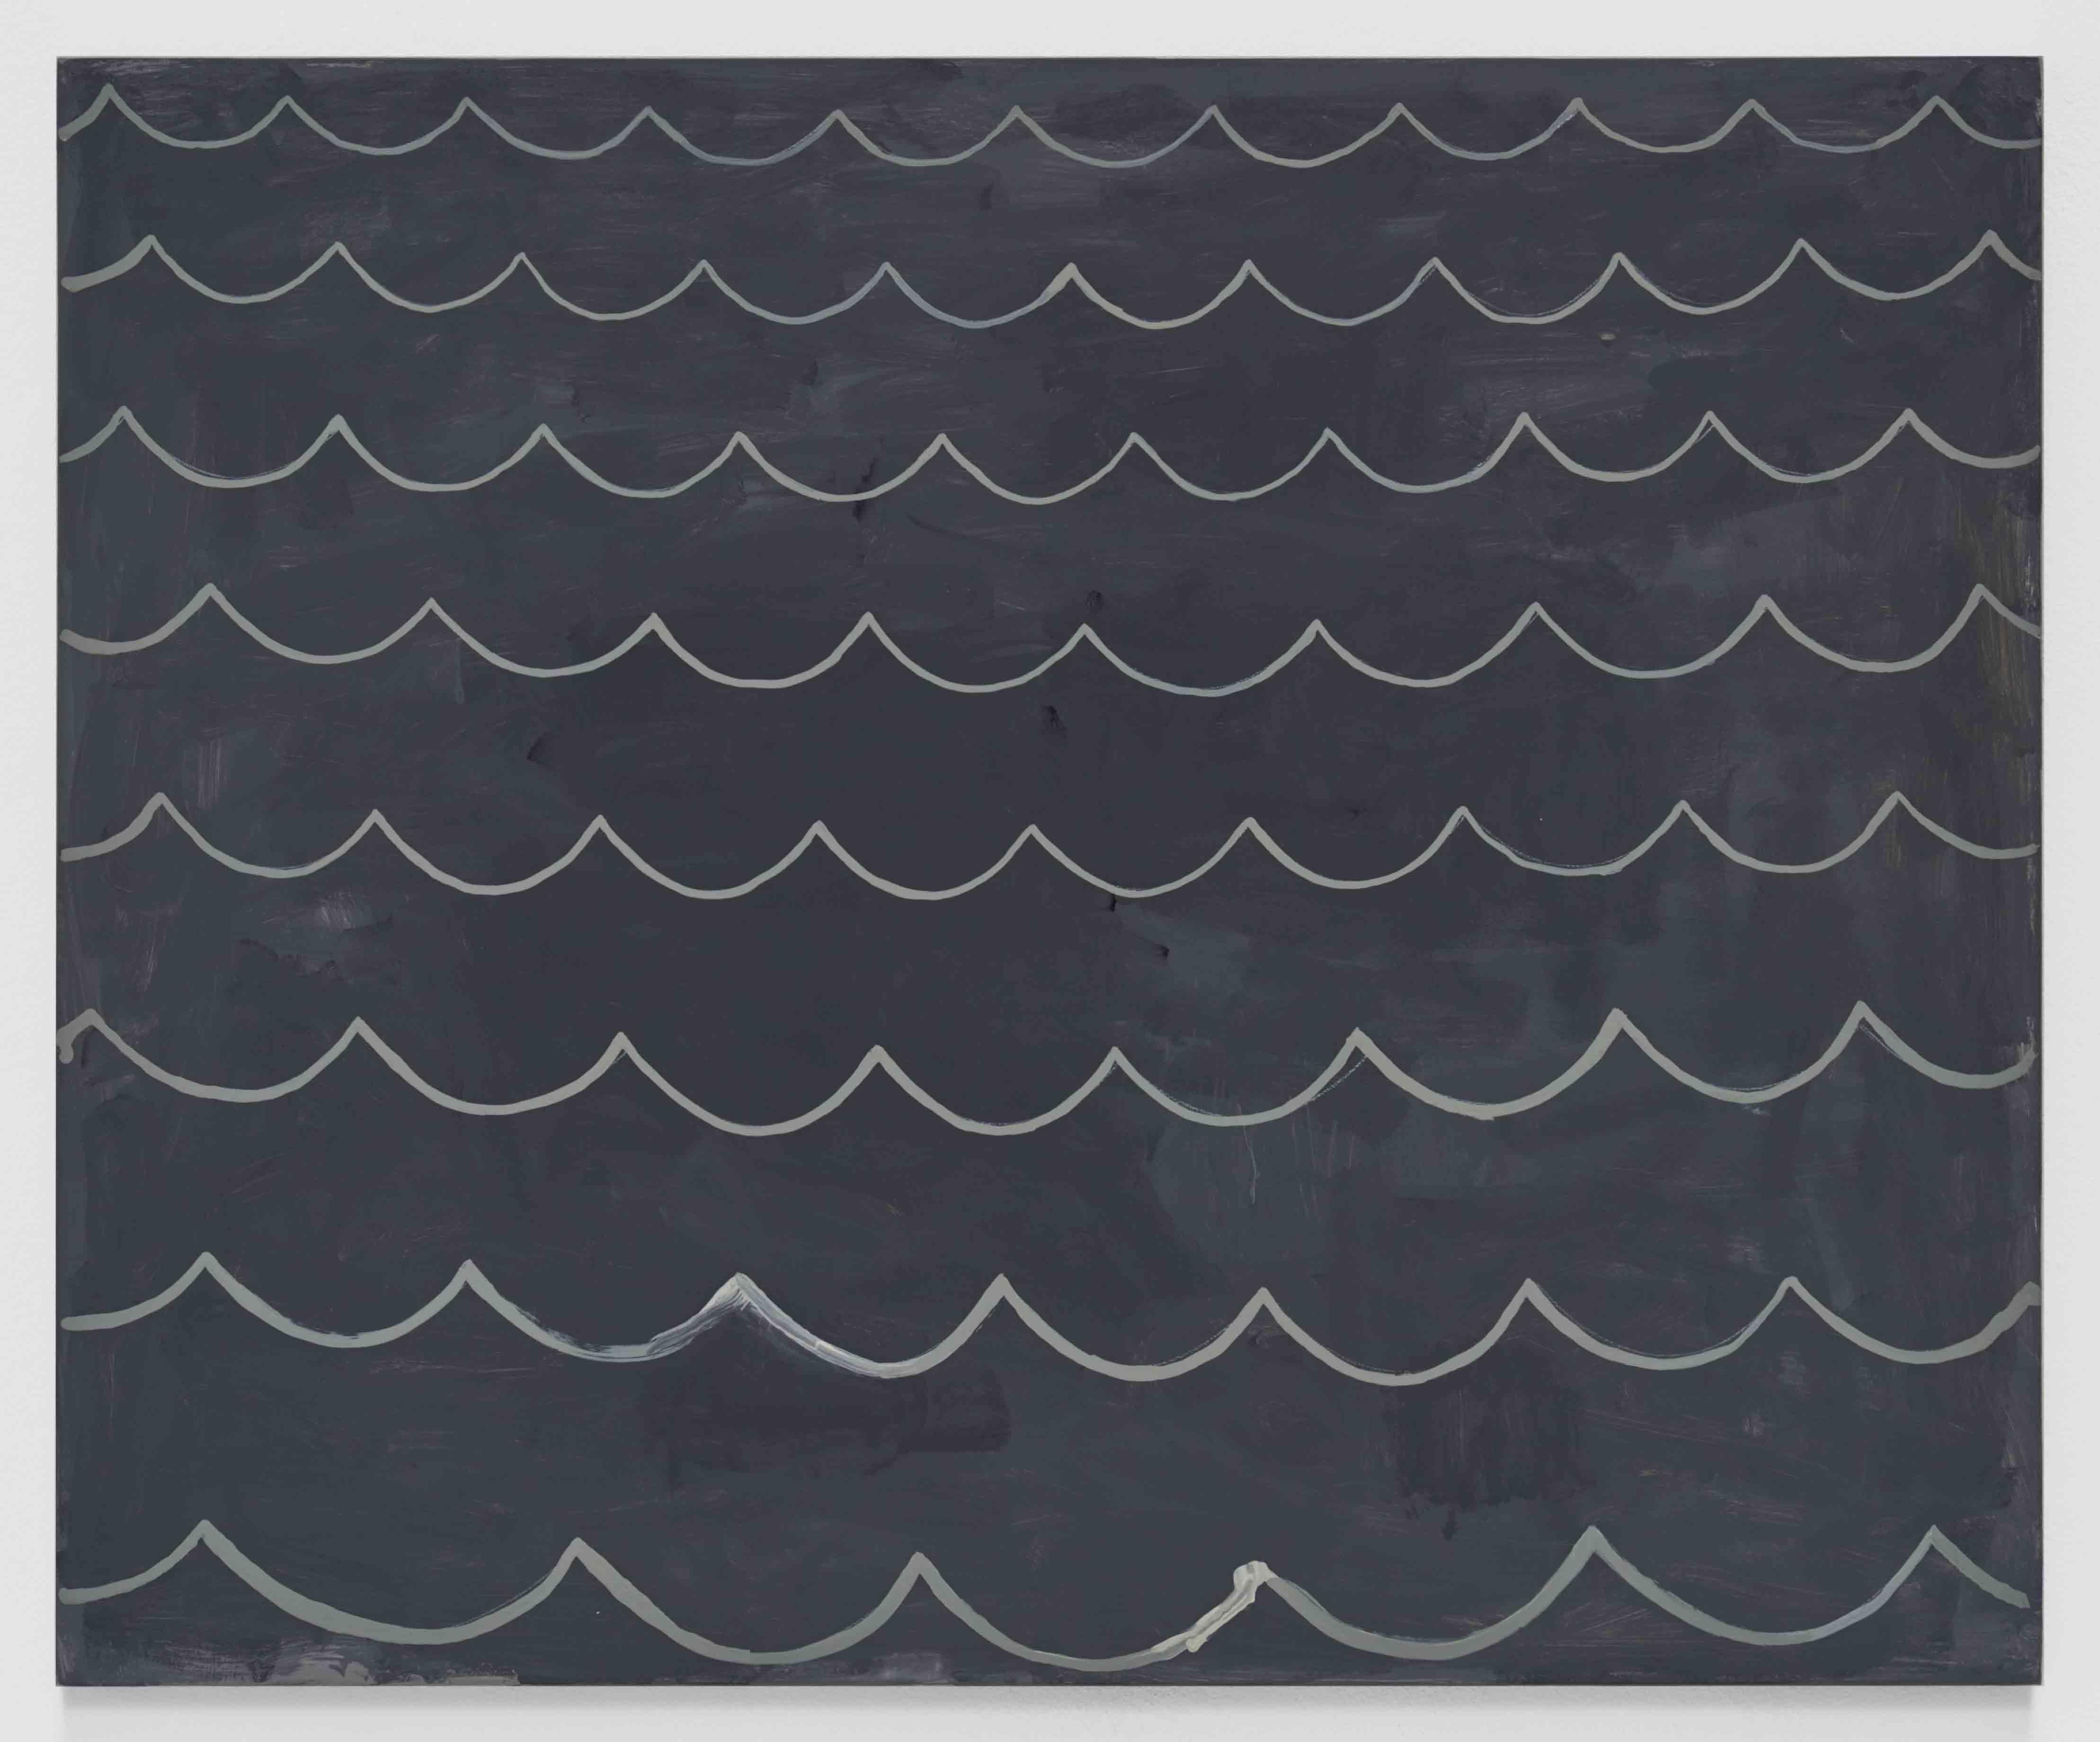 """""""Immortelle"""", Loïc Raguénès, 2017, tempera sur bois, 214 x 270,5cm"""